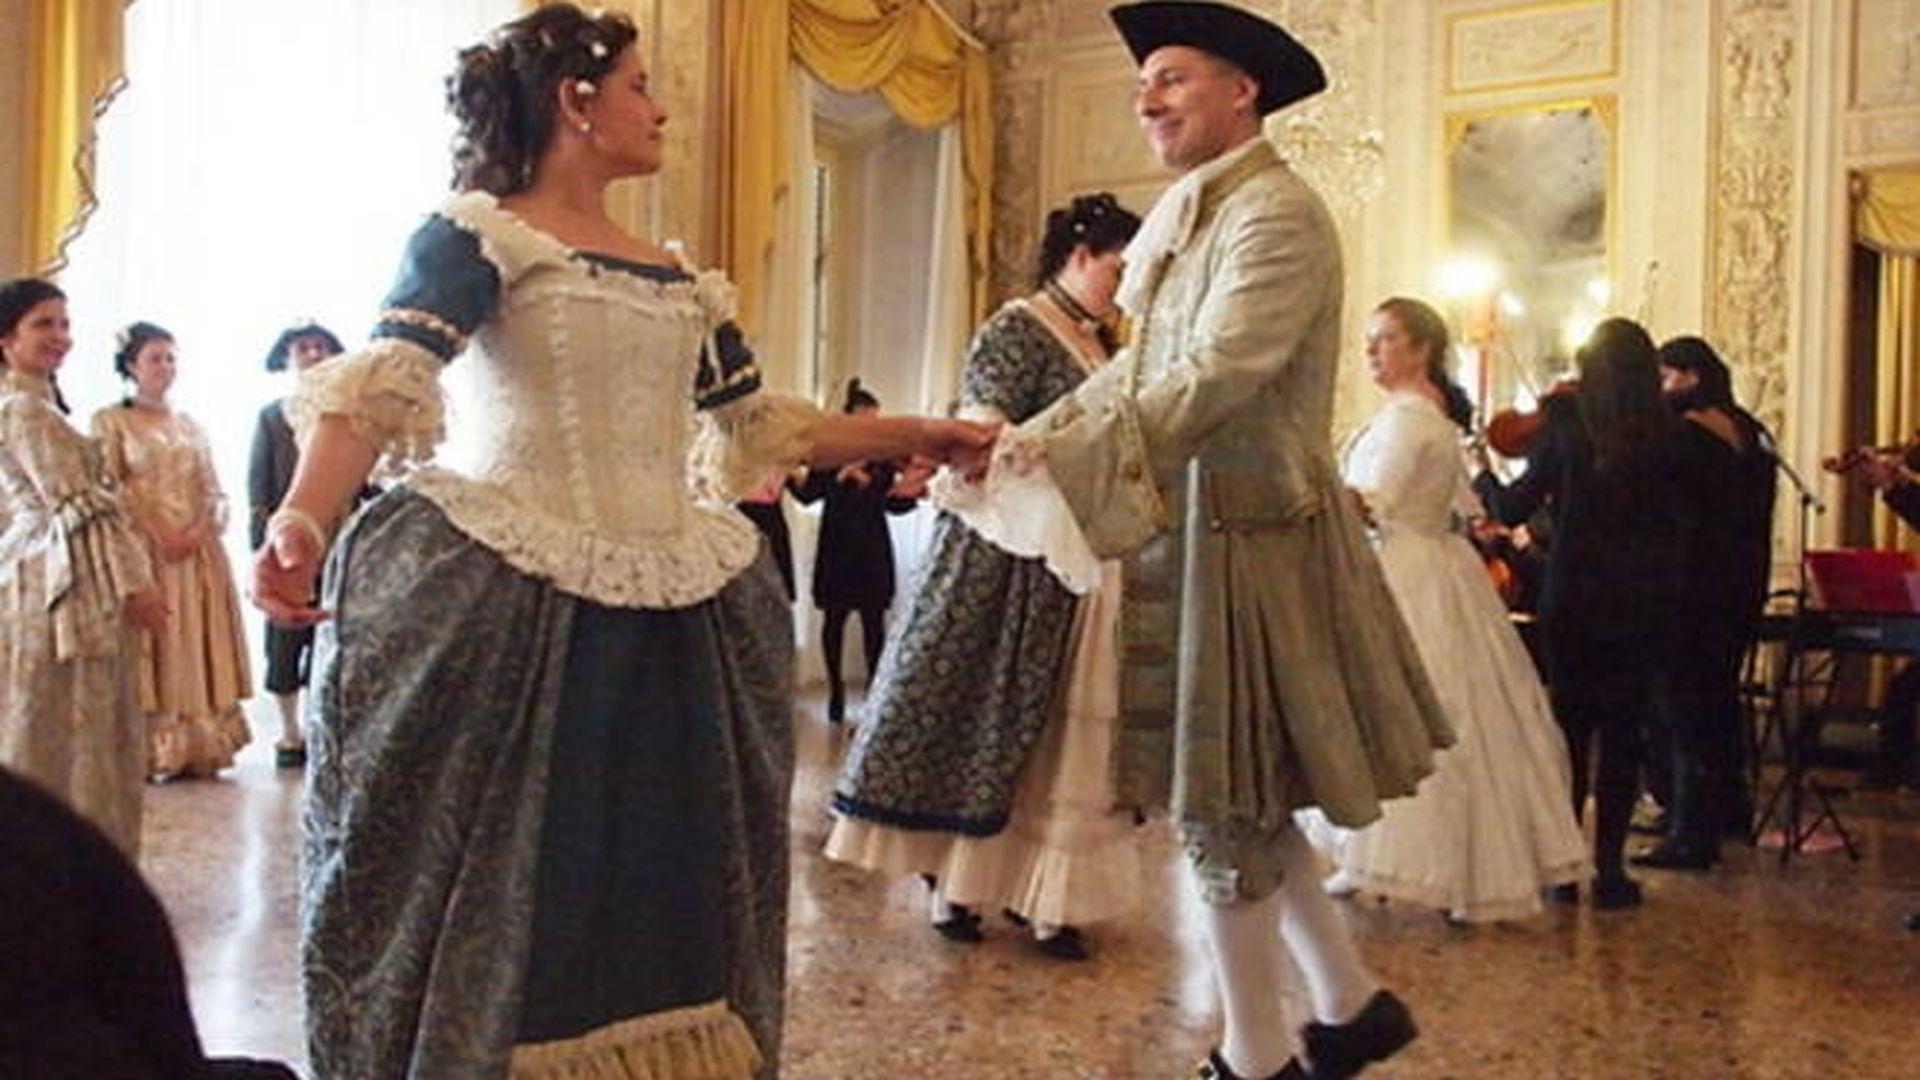 danzatori del laboratorio brunier danzano il Minuetto